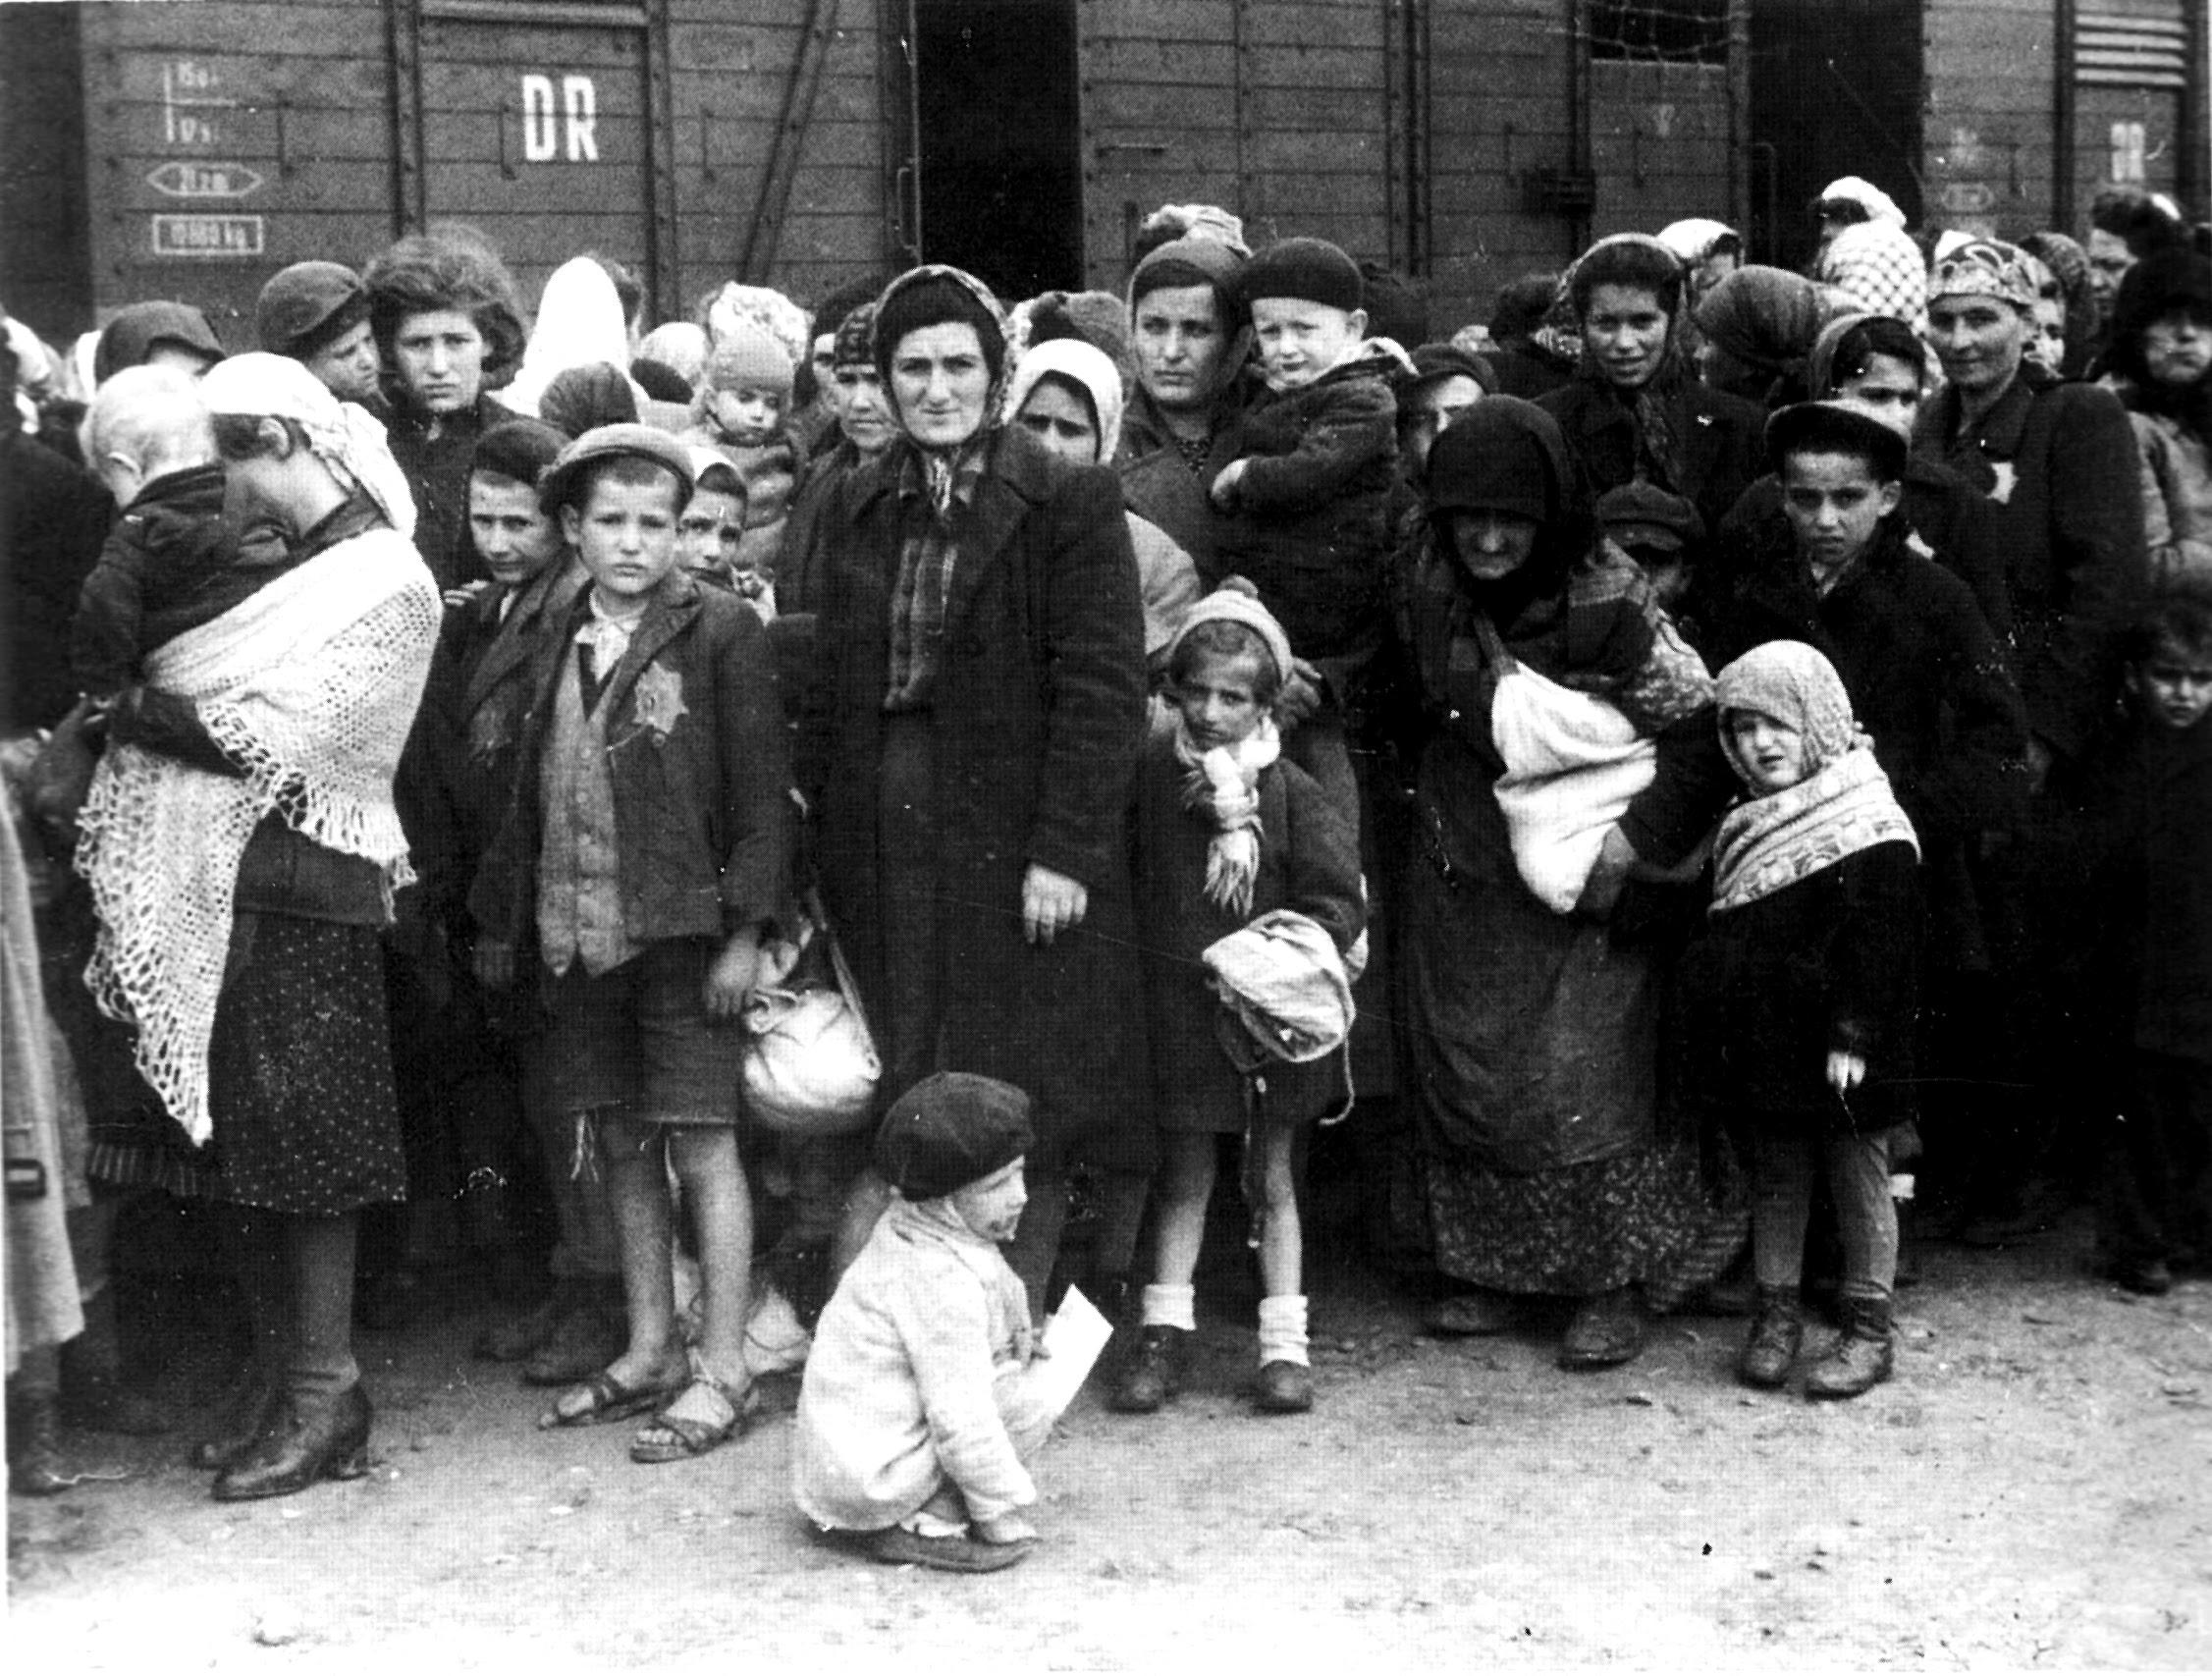 File:Bundesarchiv Bild 183-N0827-318, KZ Auschwitz, Ankunft ungarischer Juden.jpg